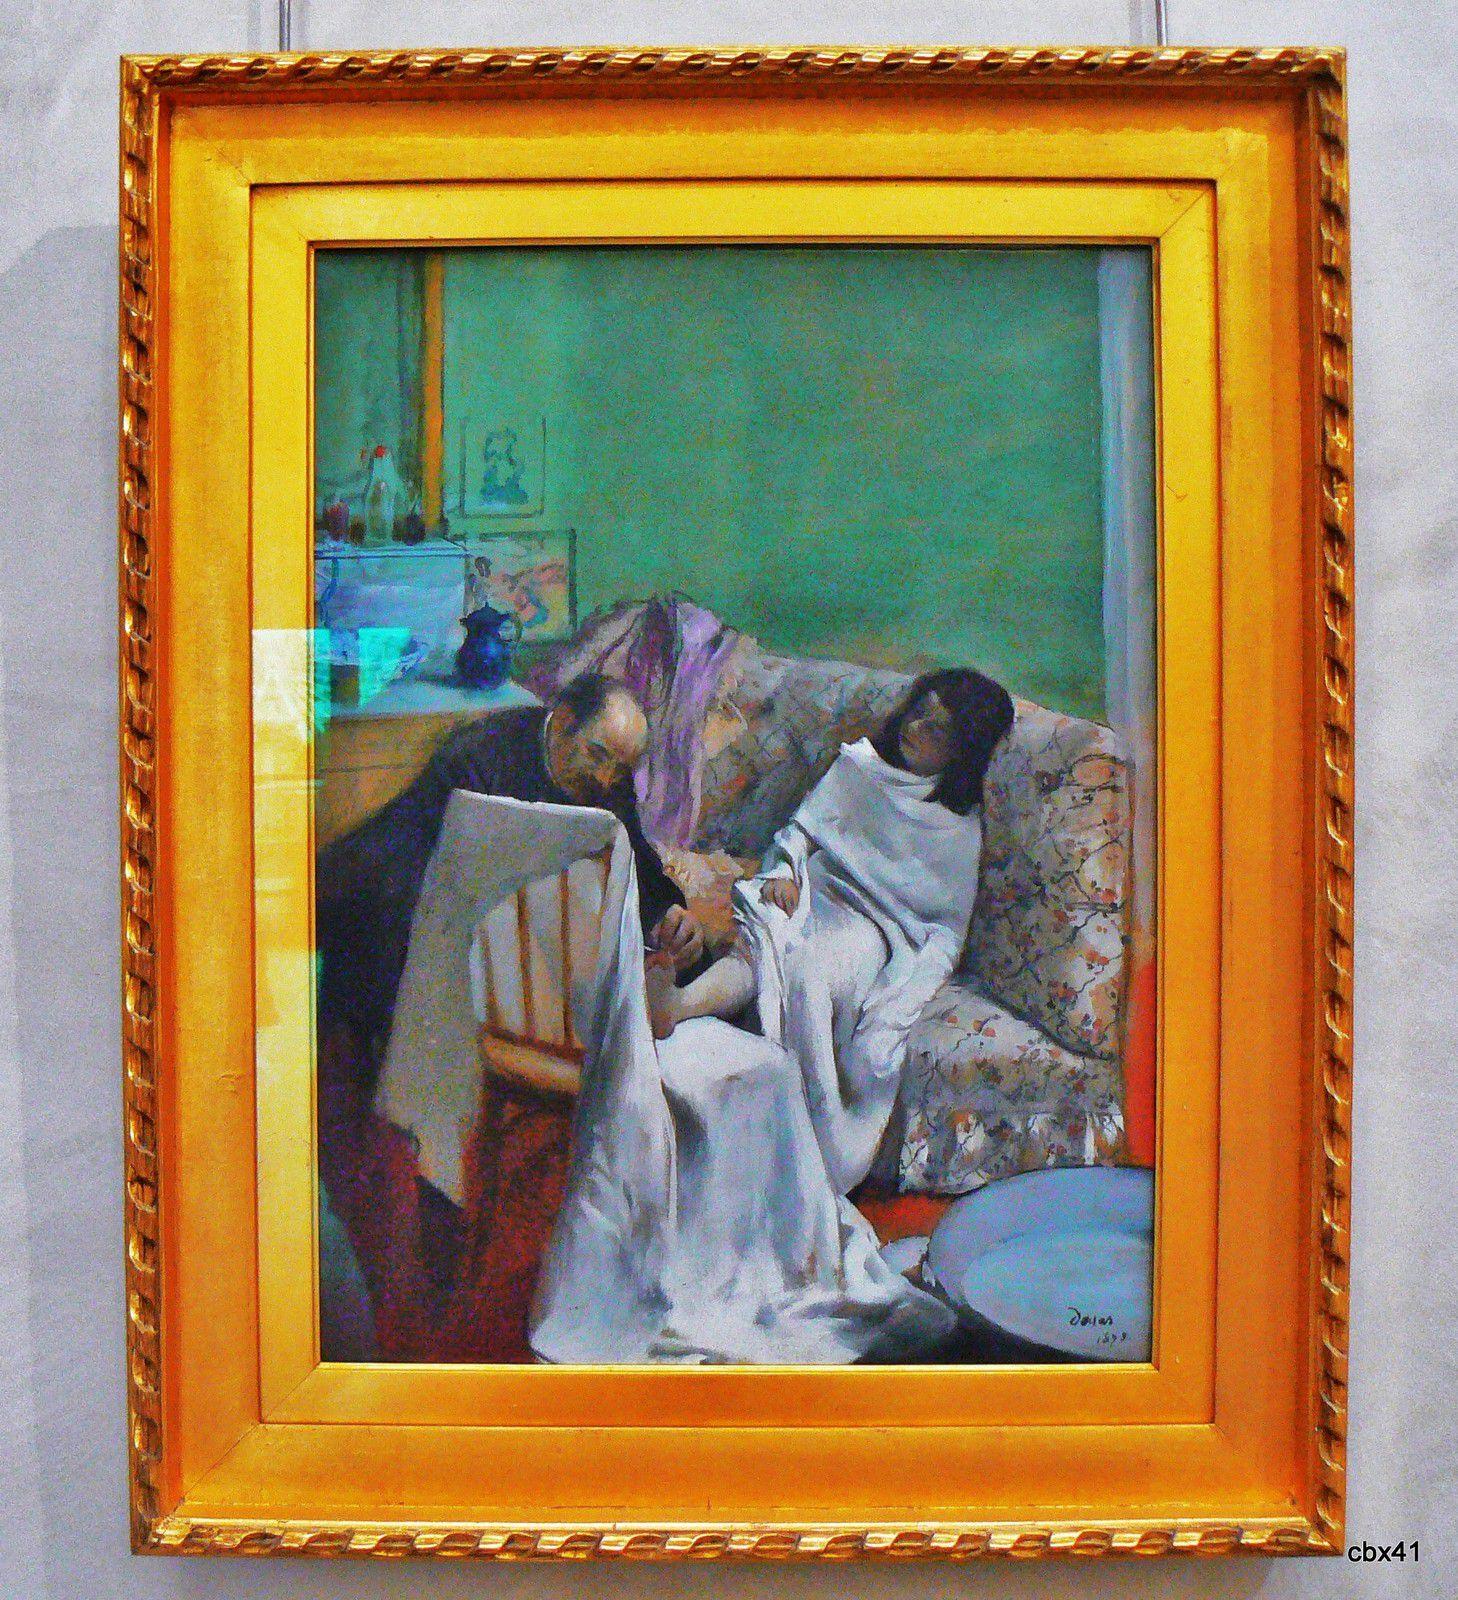 Edgar Degas, Le pédicure